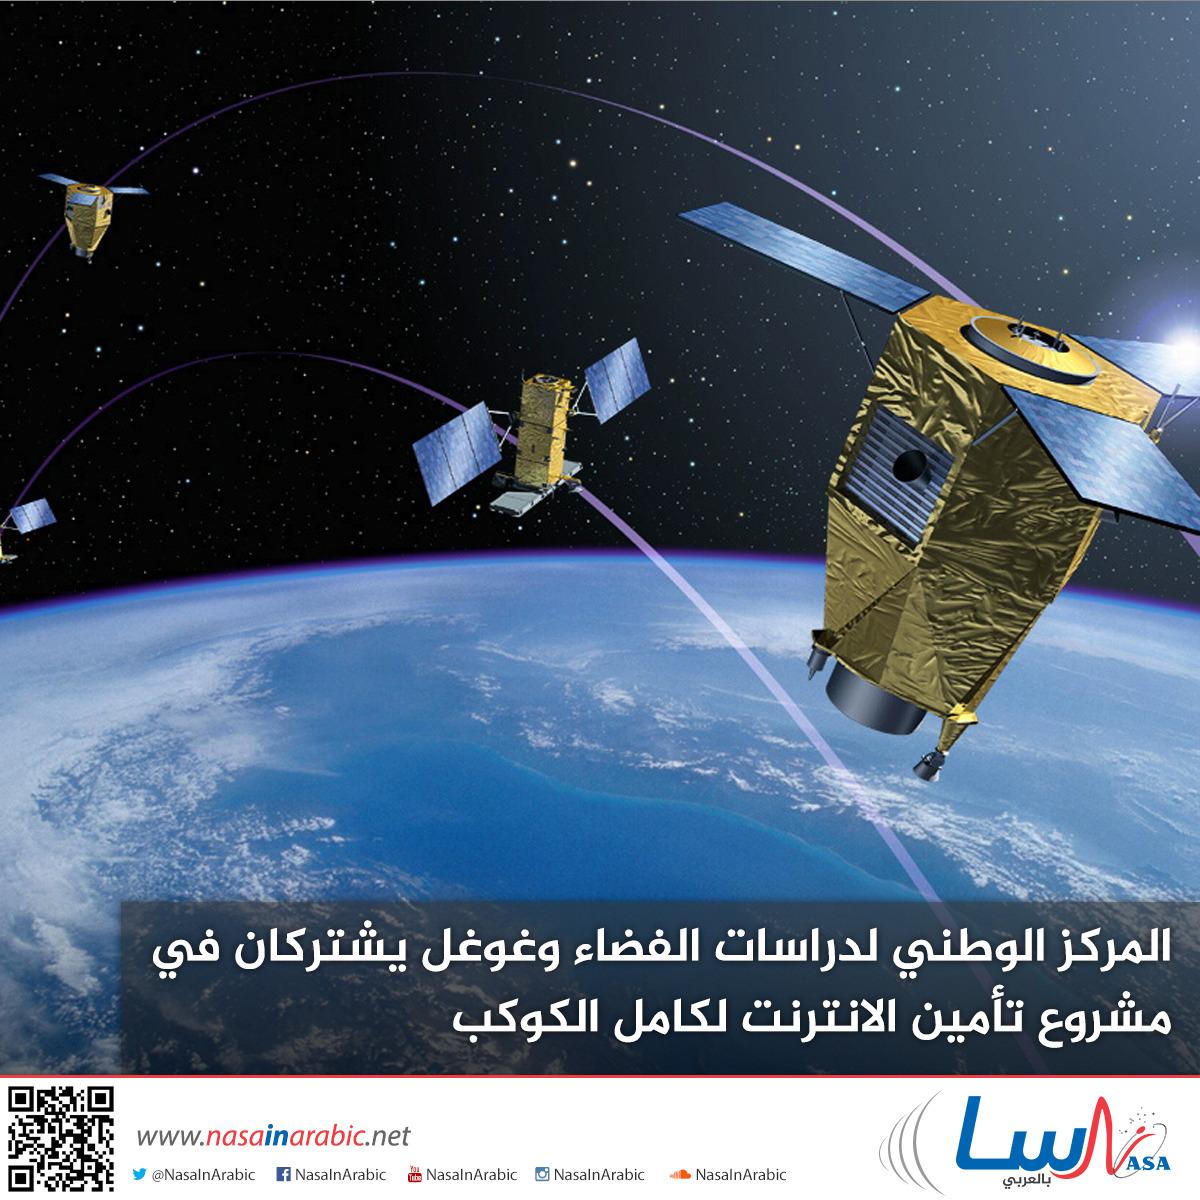 المركز الوطني لدراسات الفضاء وغوغل يشتركان في مشروع تأمين الانترنت لكامل الكوكب